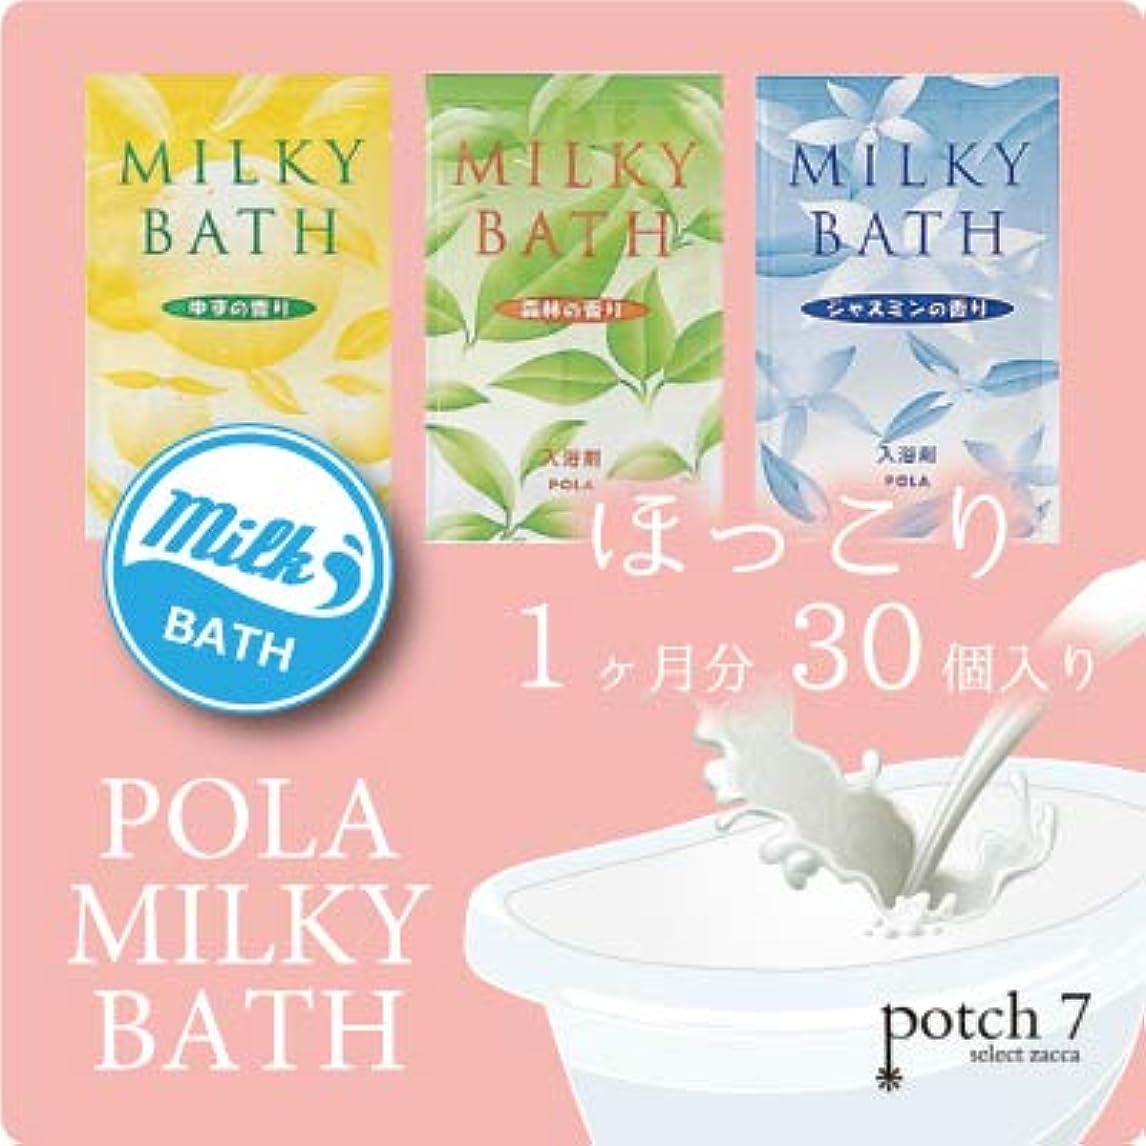 識別腹痛洞察力のあるミルキー入浴剤 にごり湯 POLA ミルキィバス 白濁 ゆず?森林?ジャスミンの香り 3種類×各10個 メール便